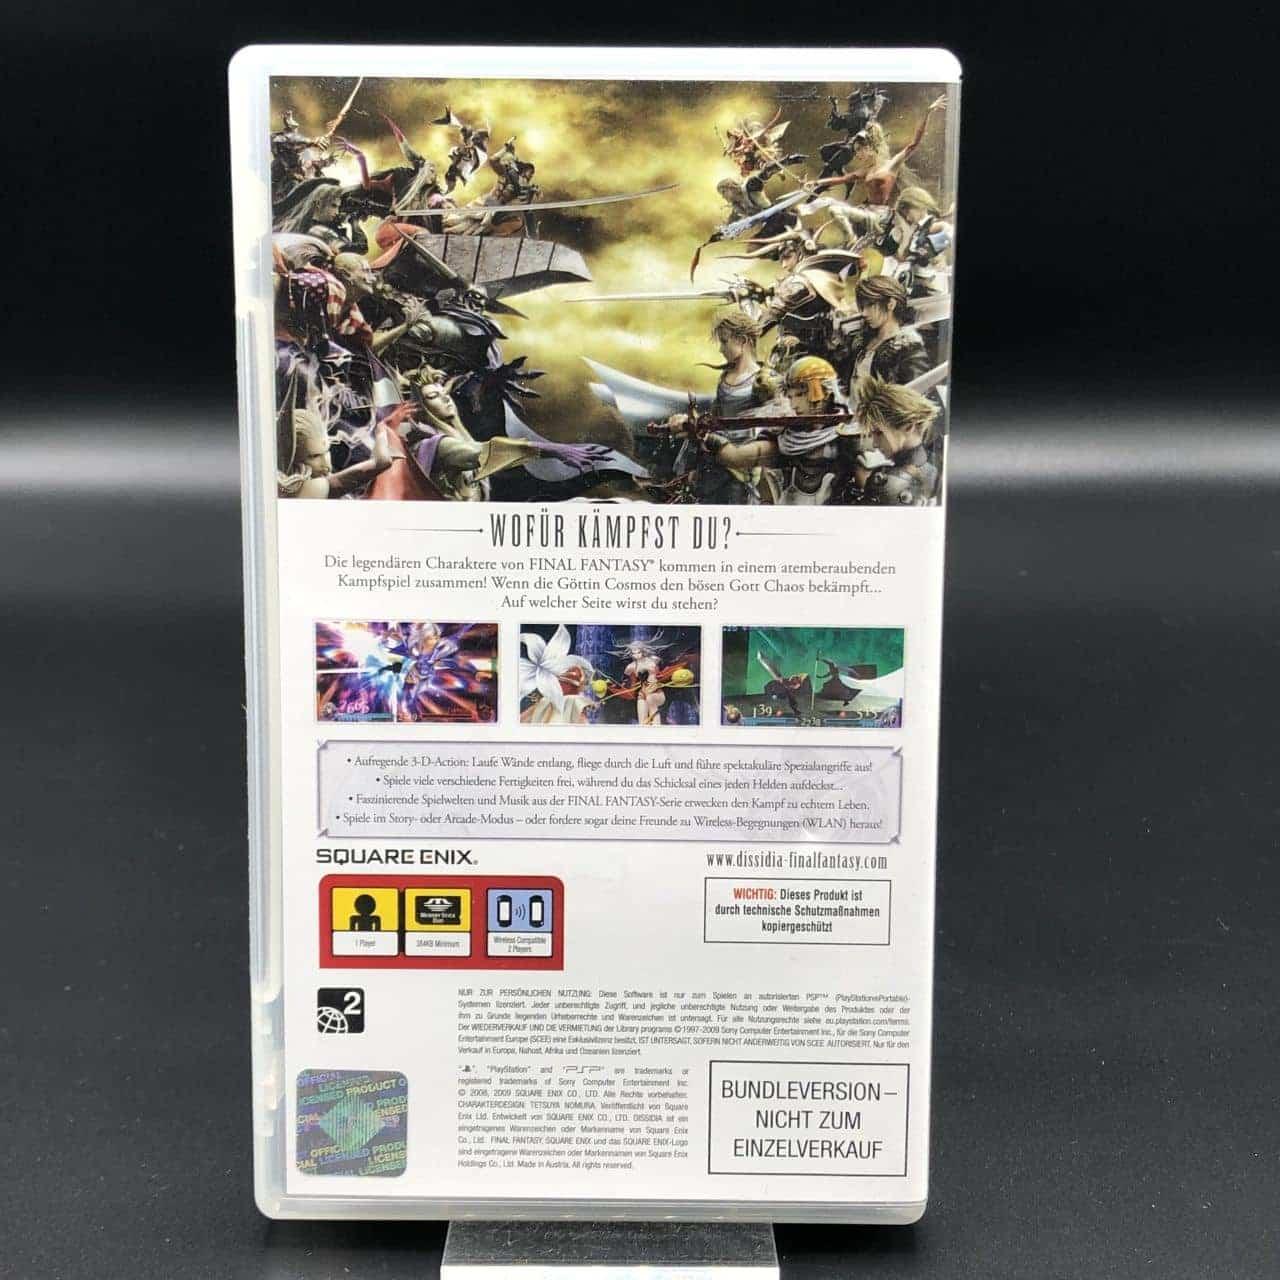 PSP Dissidia: Final Fantasy (Komplett) (Sehr gut) Sony PlayStation Portable